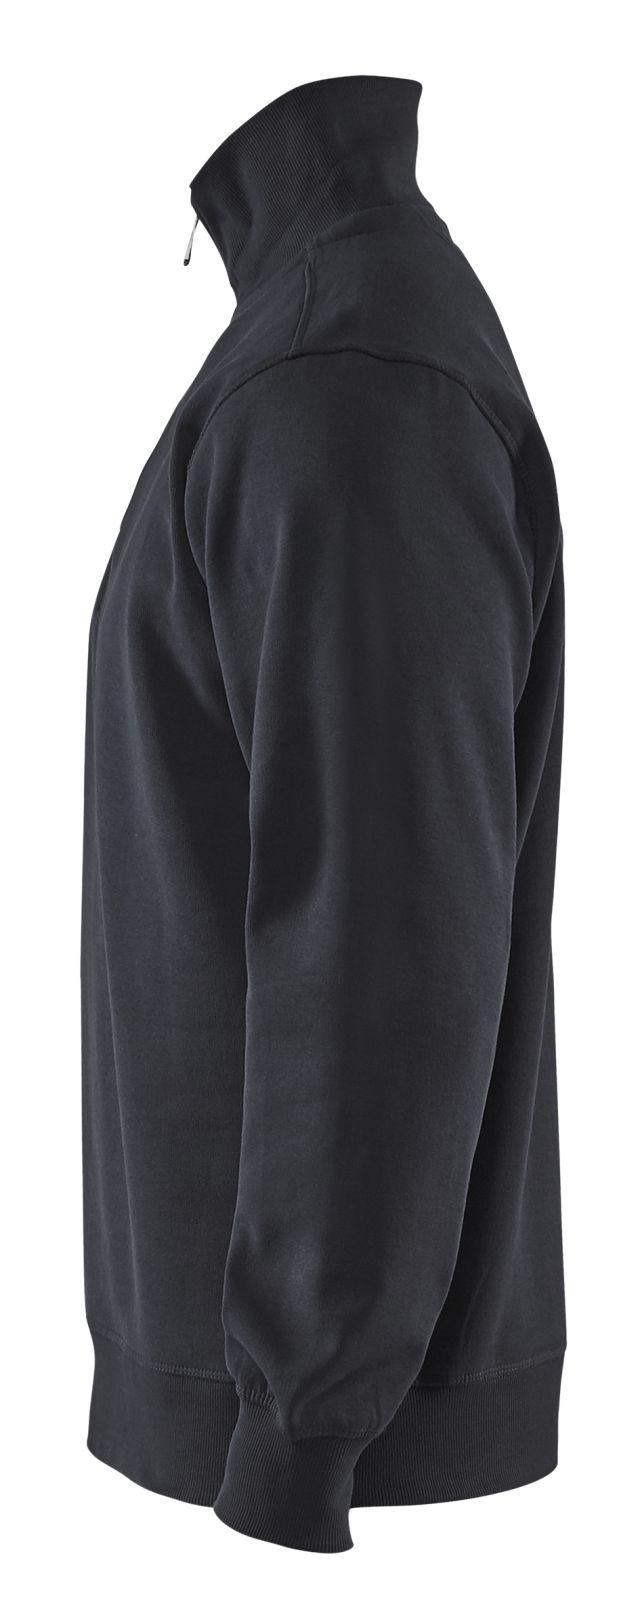 Blaklader Sweatshirts 33651048 zwart(9900)